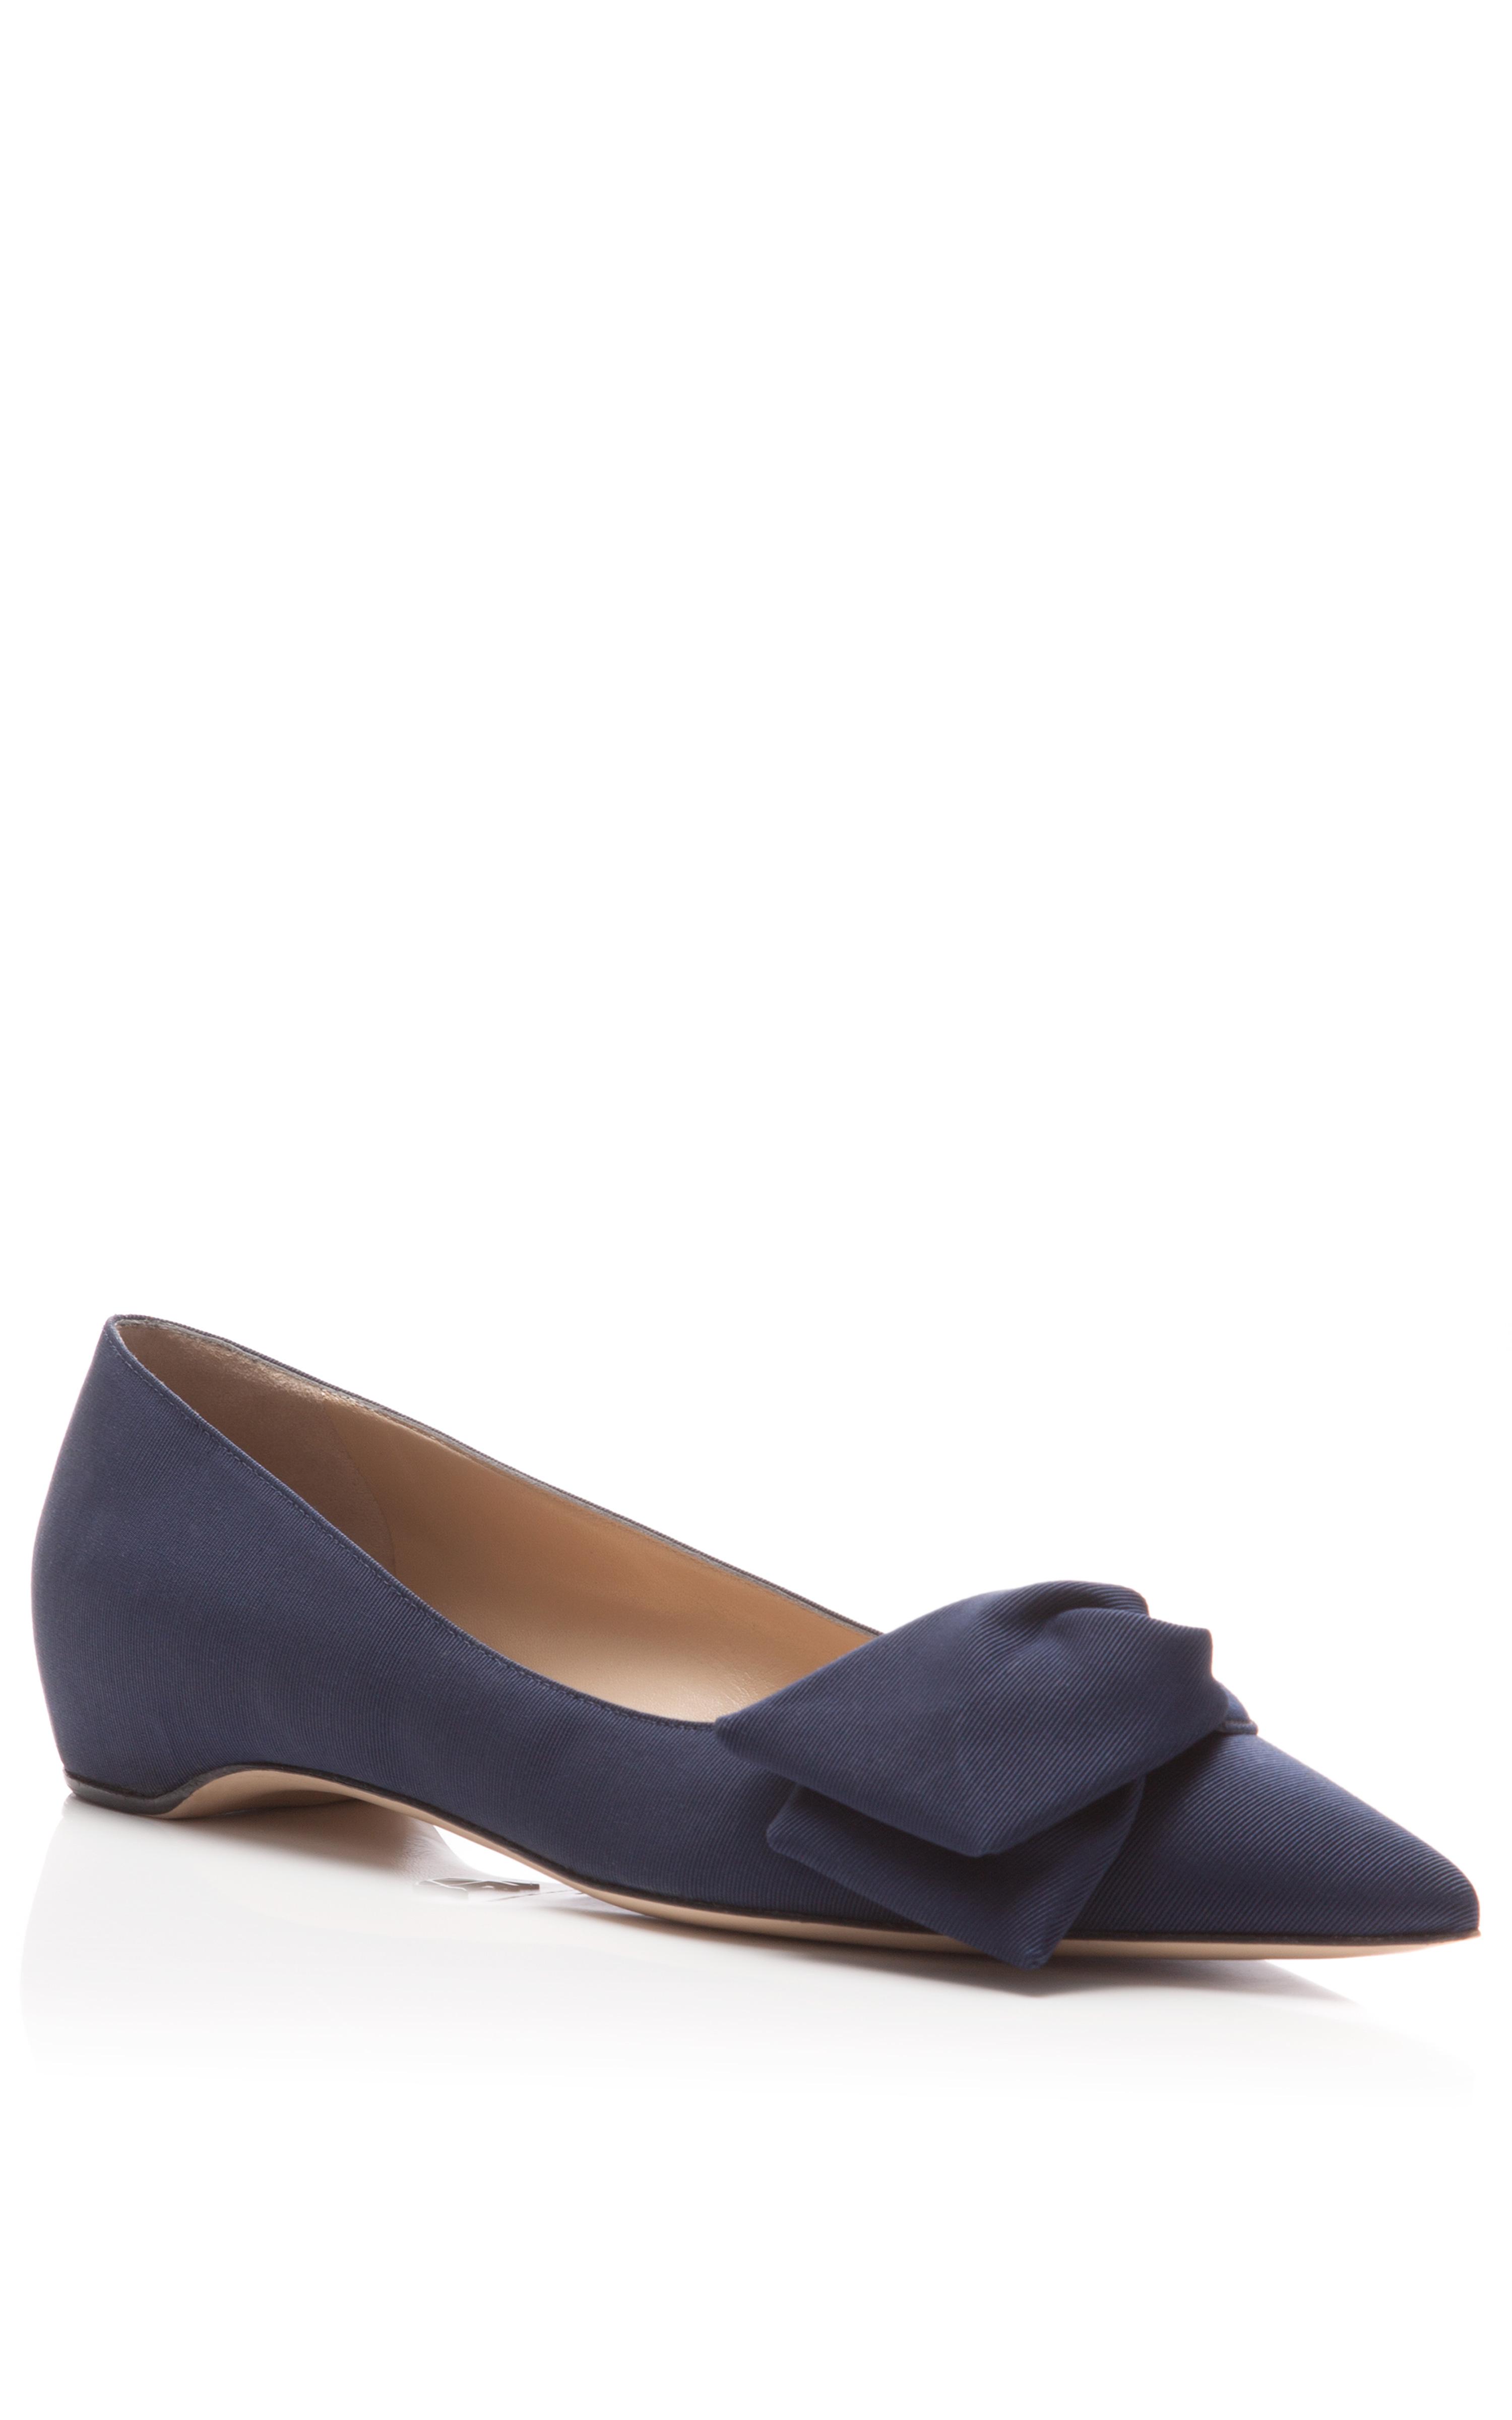 Paul Andrew Shoes Australia